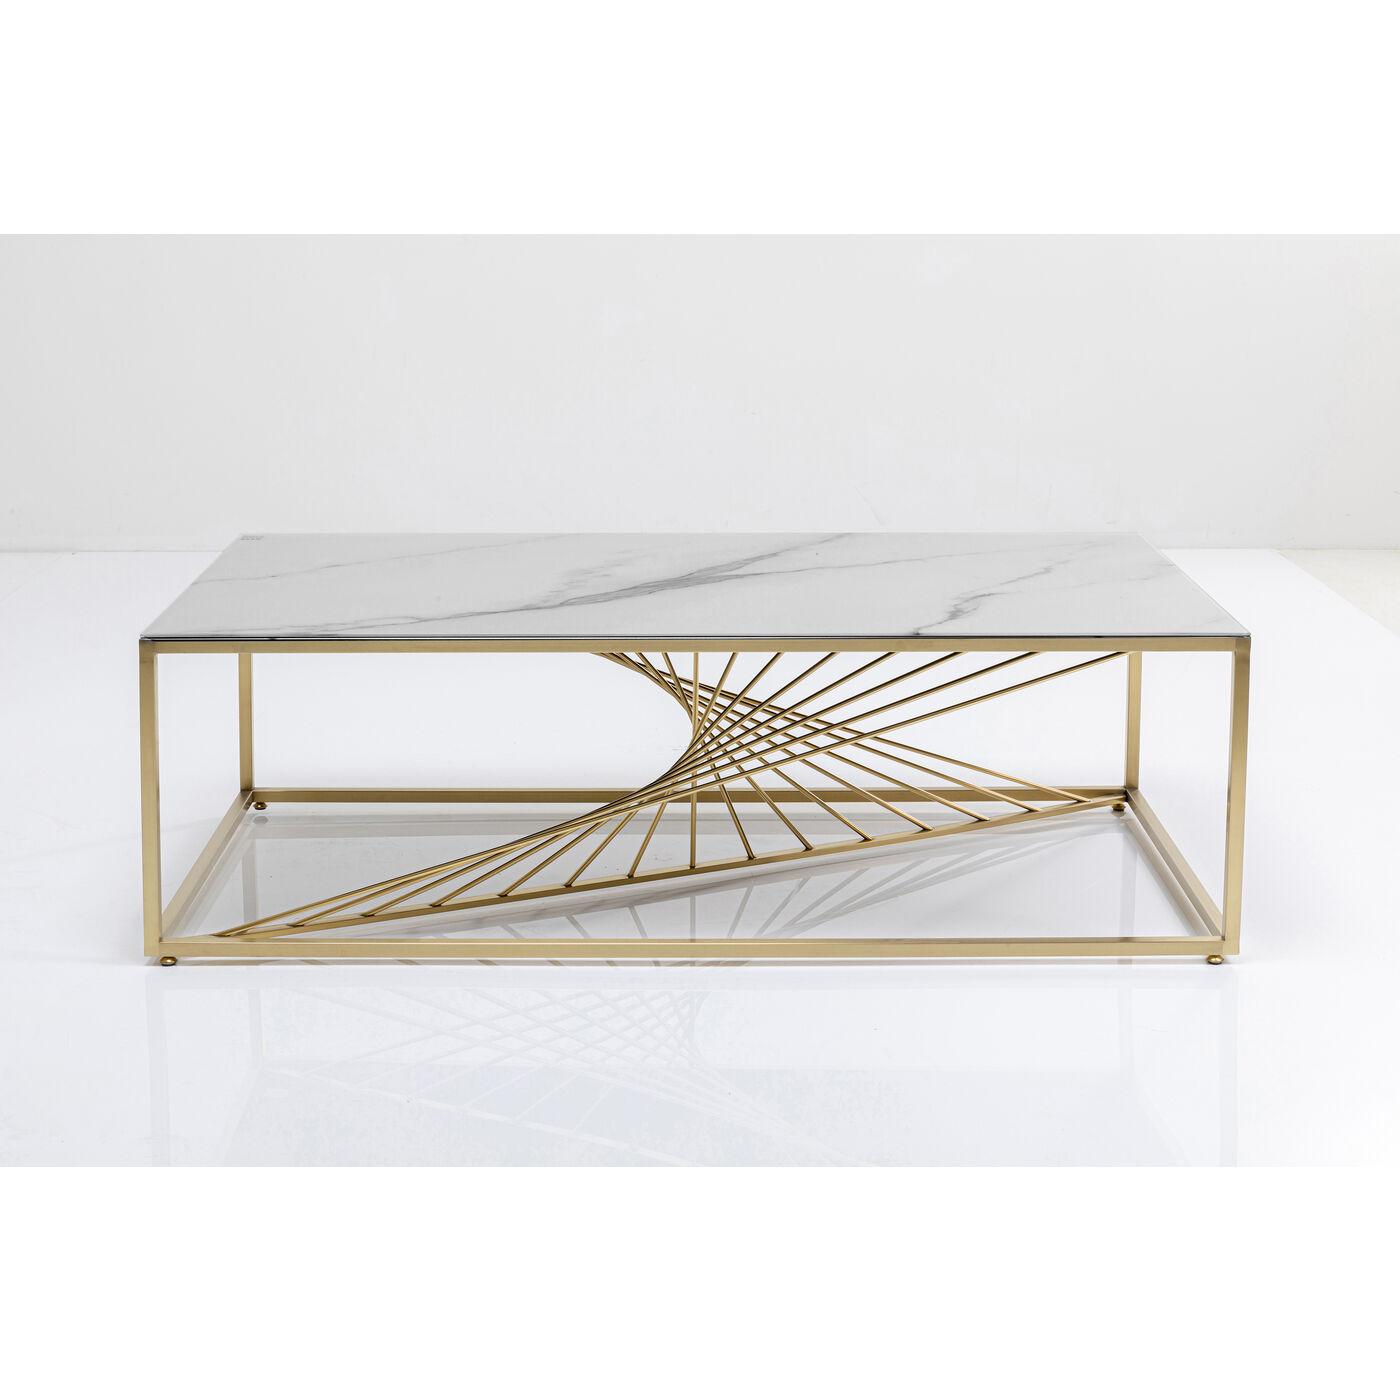 Couchtisch Art Marble Glass 140x70cm